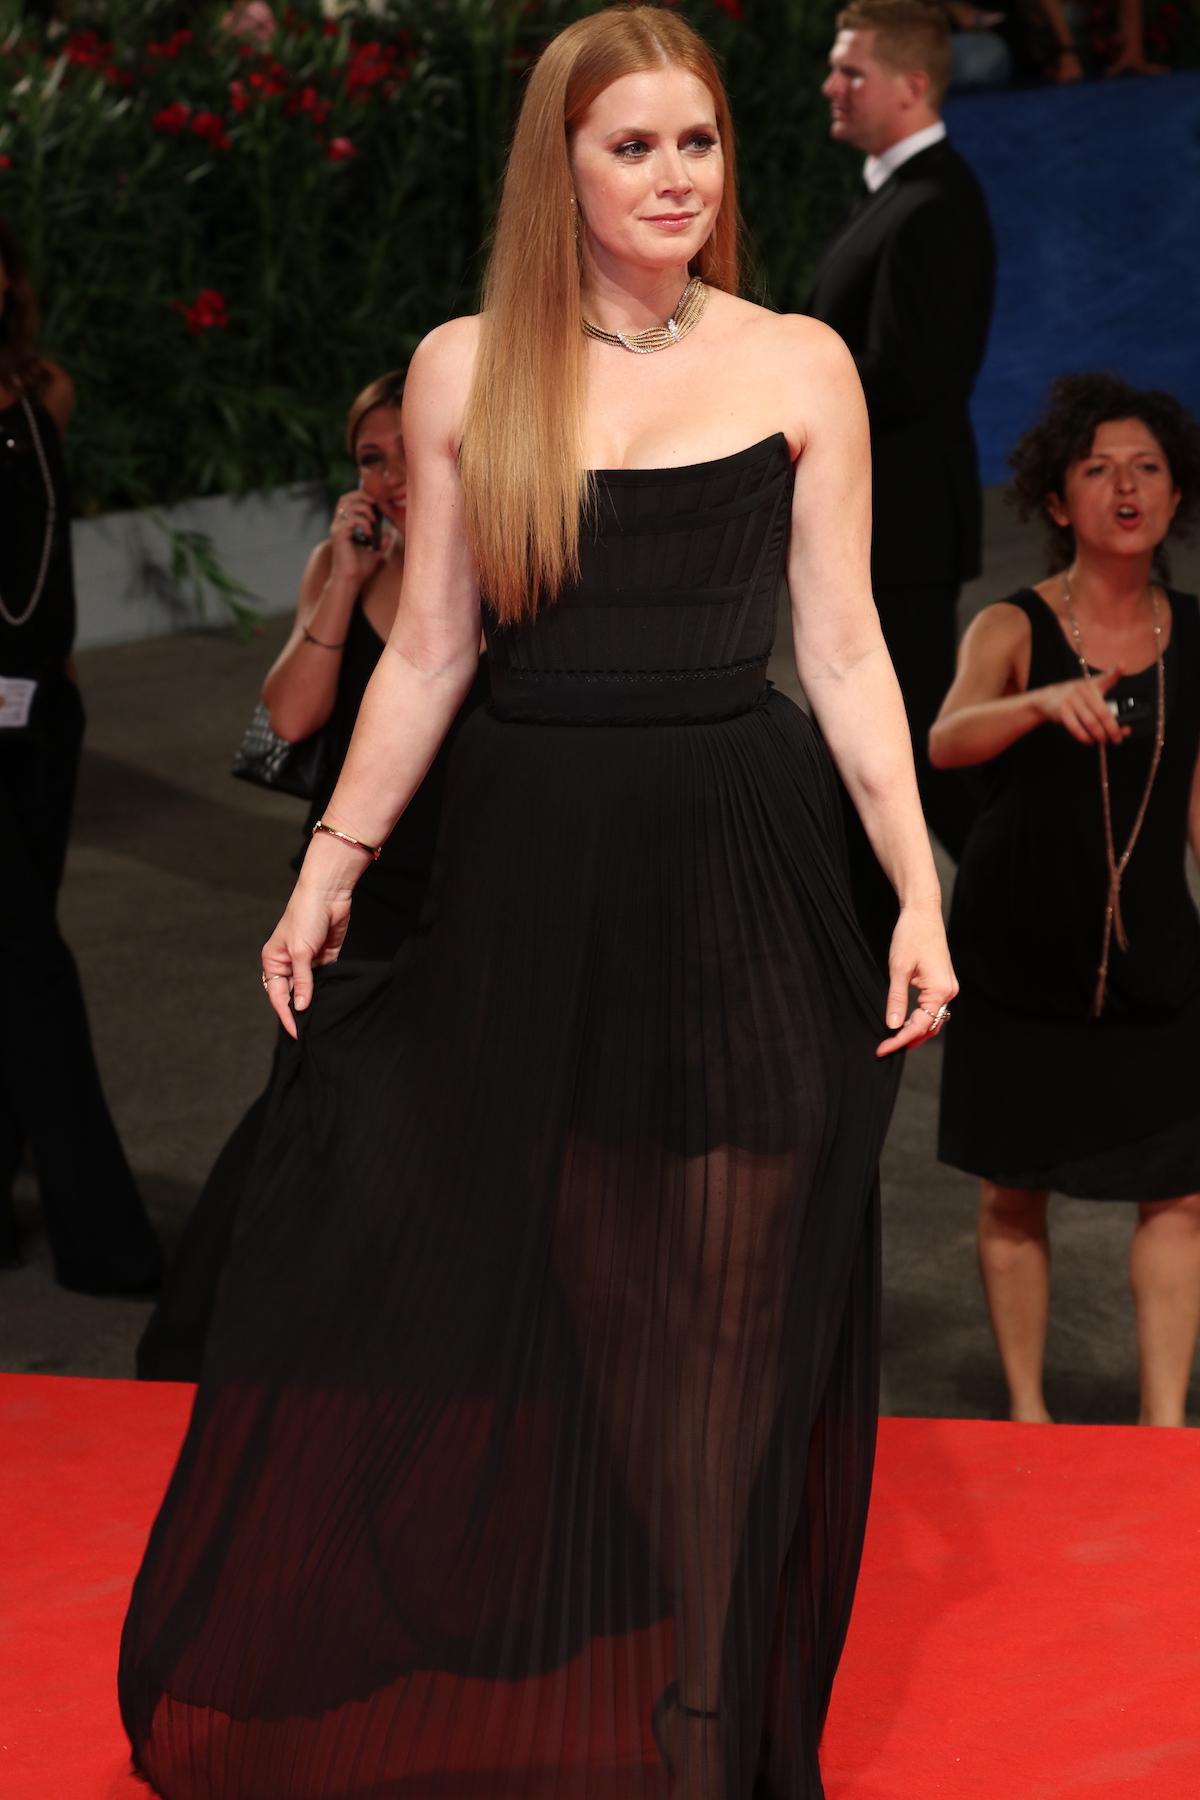 Venezia 2016: Amy Adams posa sul red carpet di Arrival